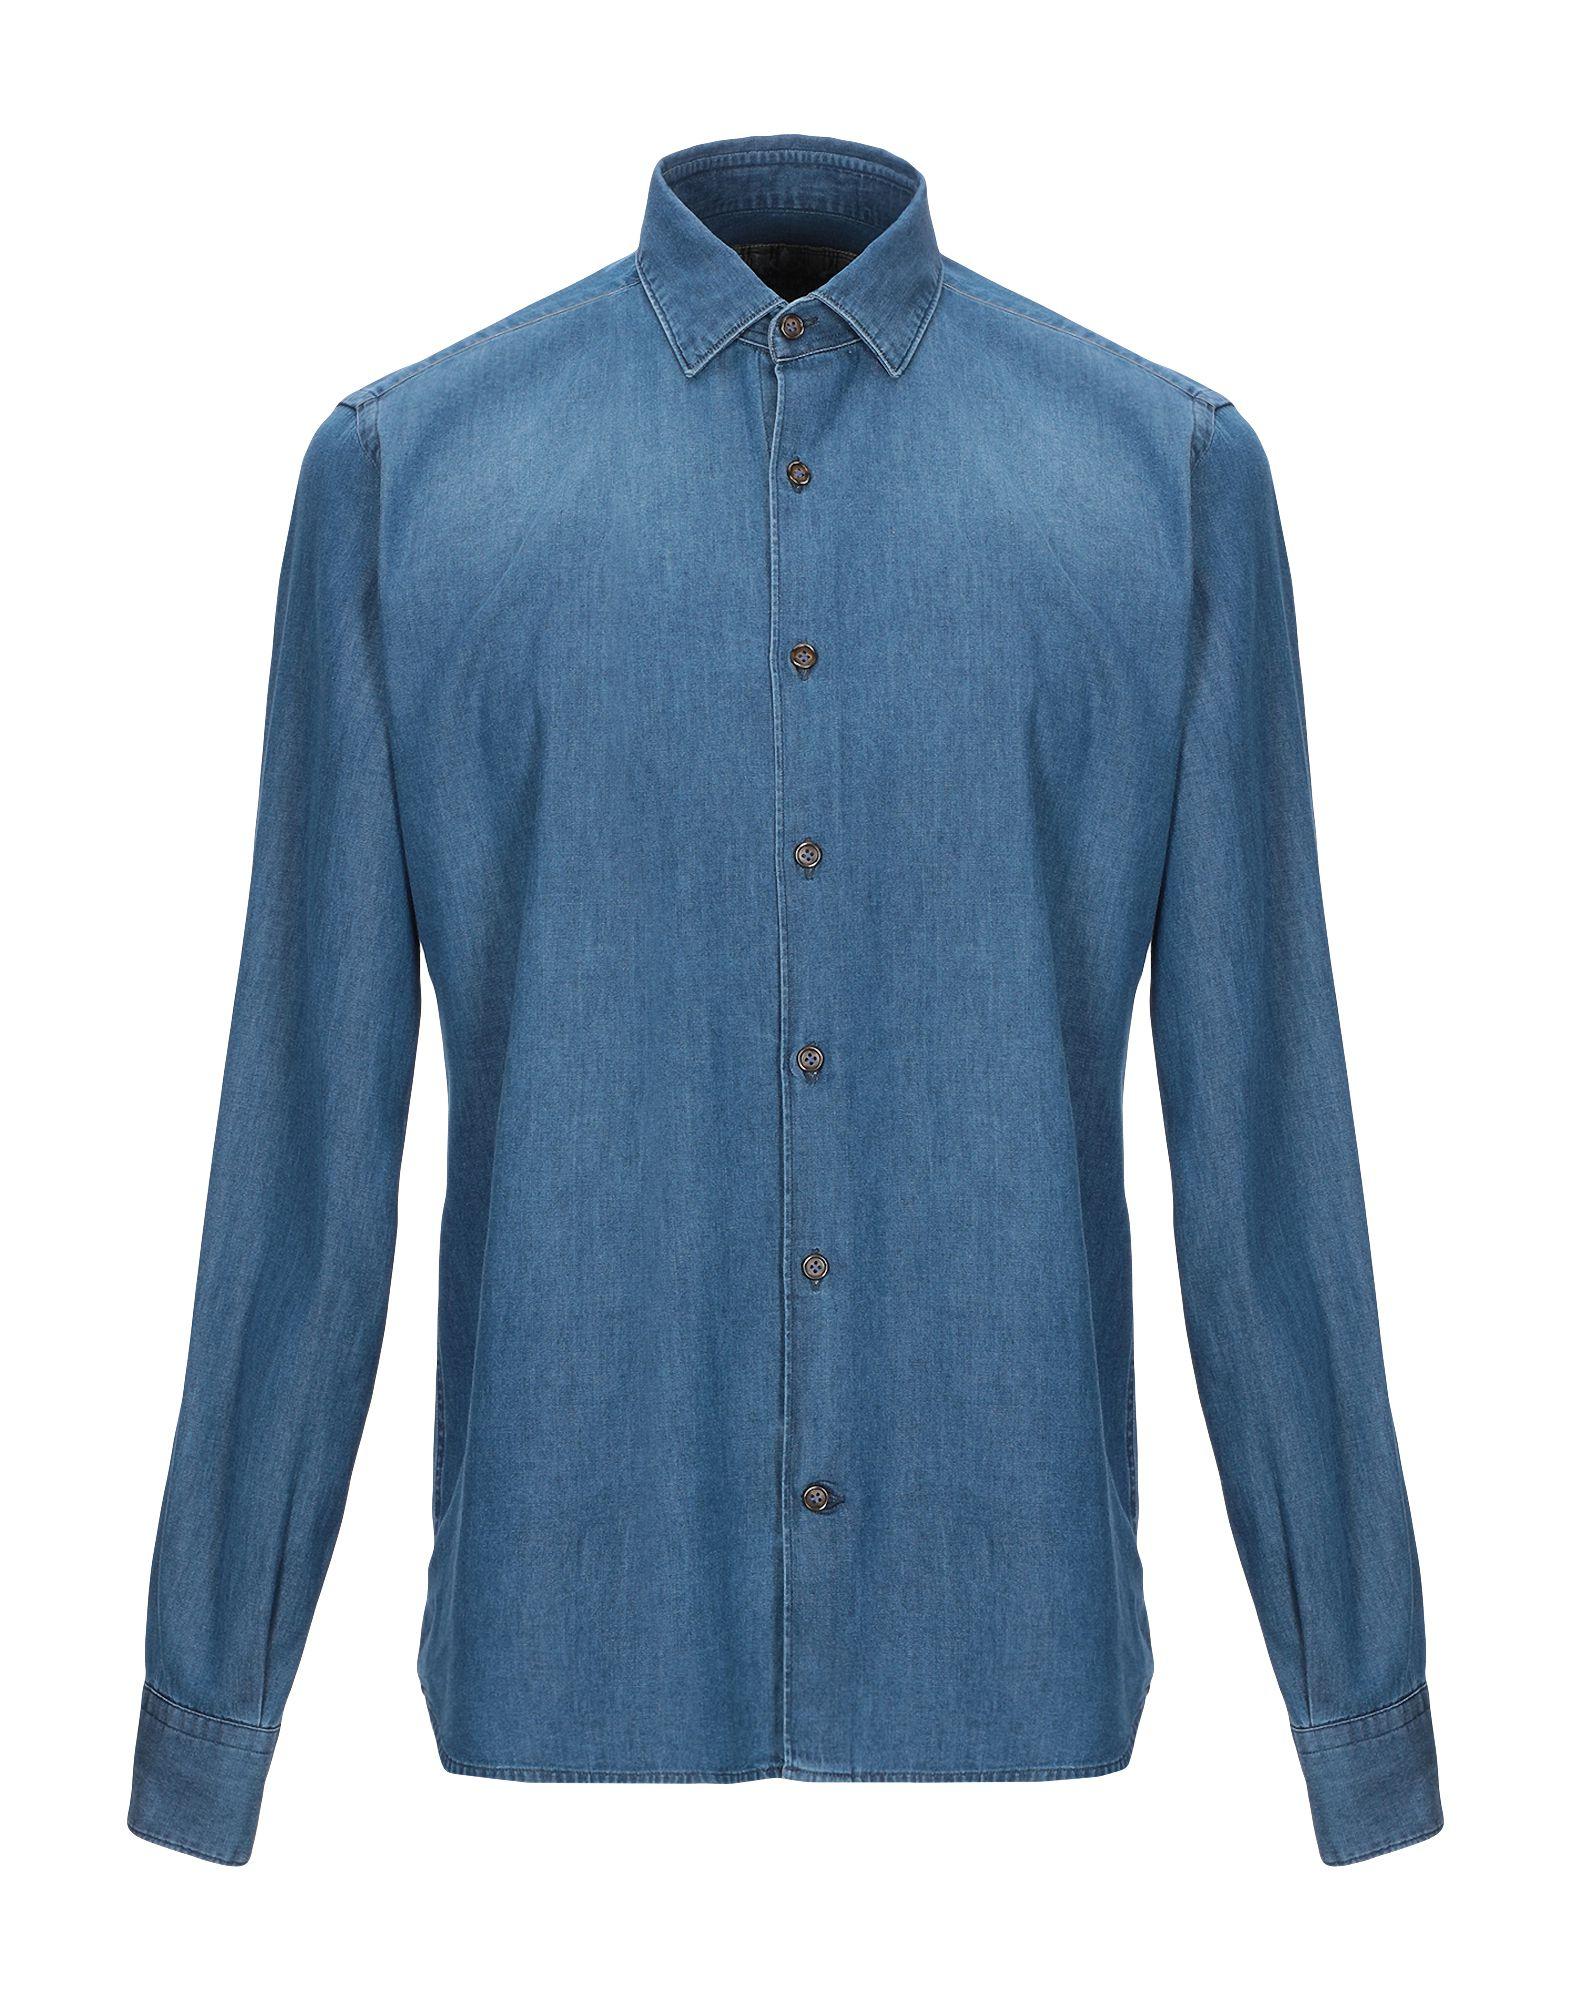 DOMENICO TAGLIENTE Джинсовая рубашка burberry джинсовая рубашка